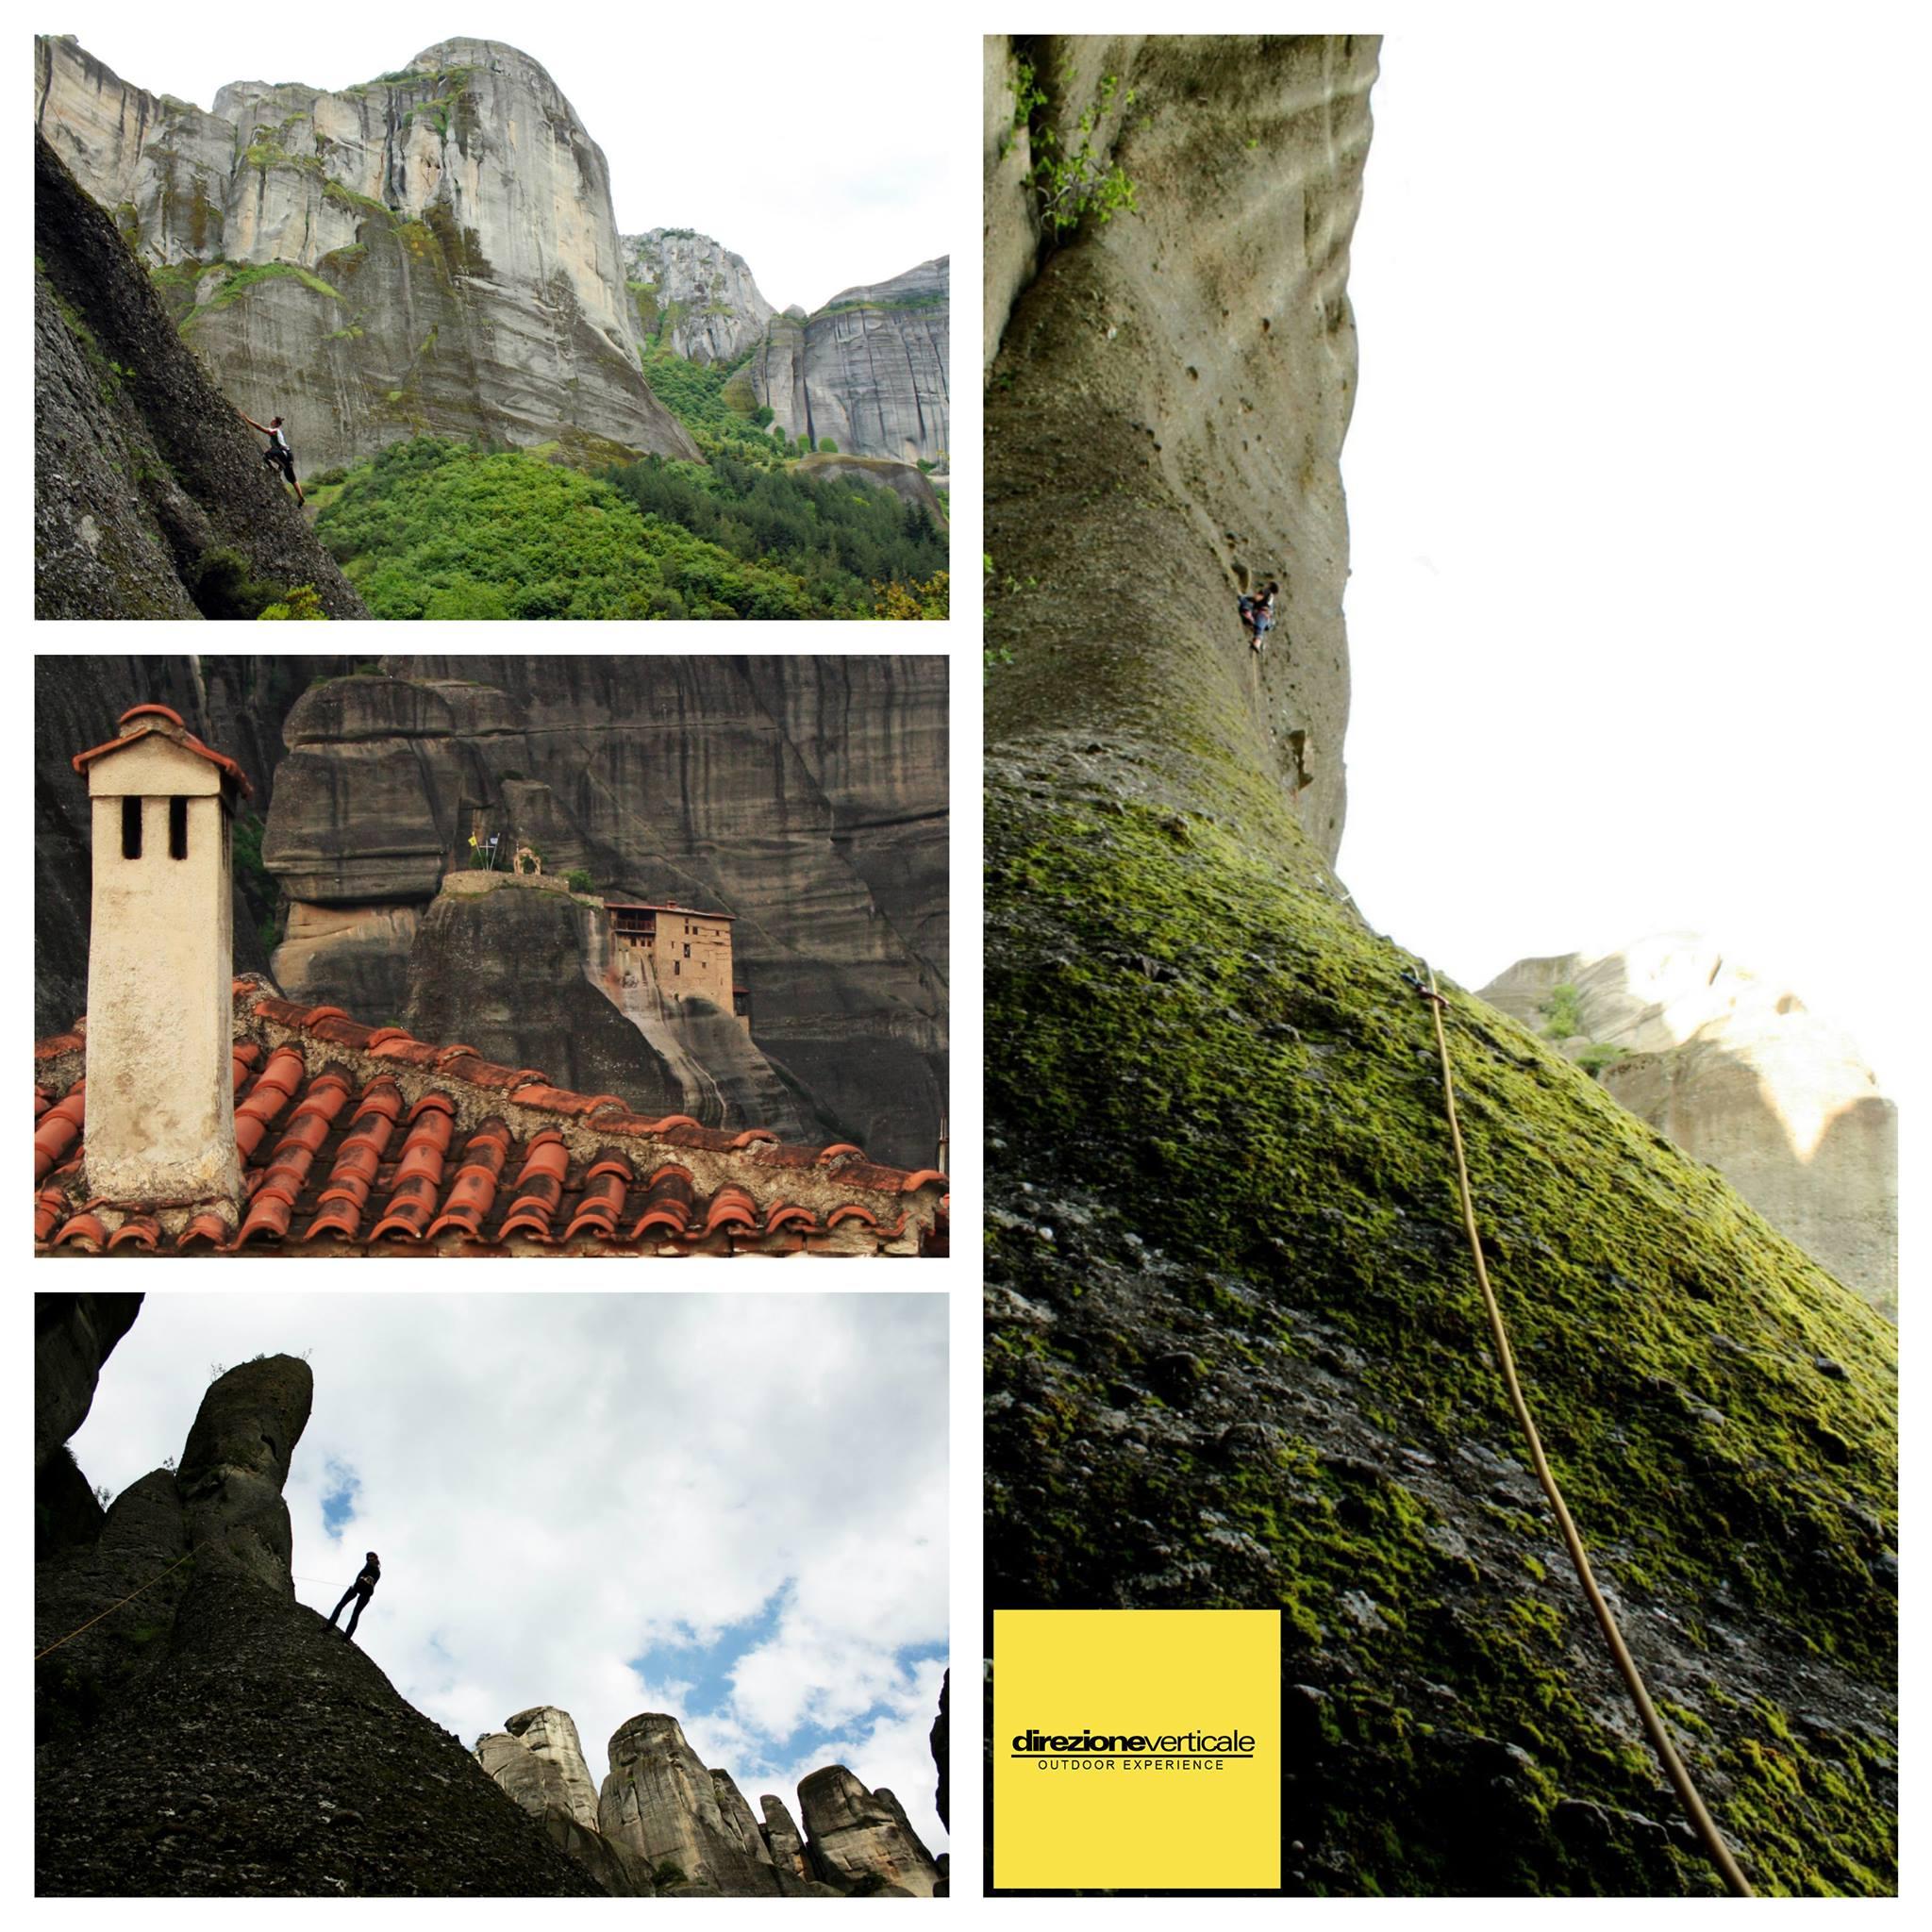 Climbing Greece 2014 (Μετέωρα-Αθήνα)